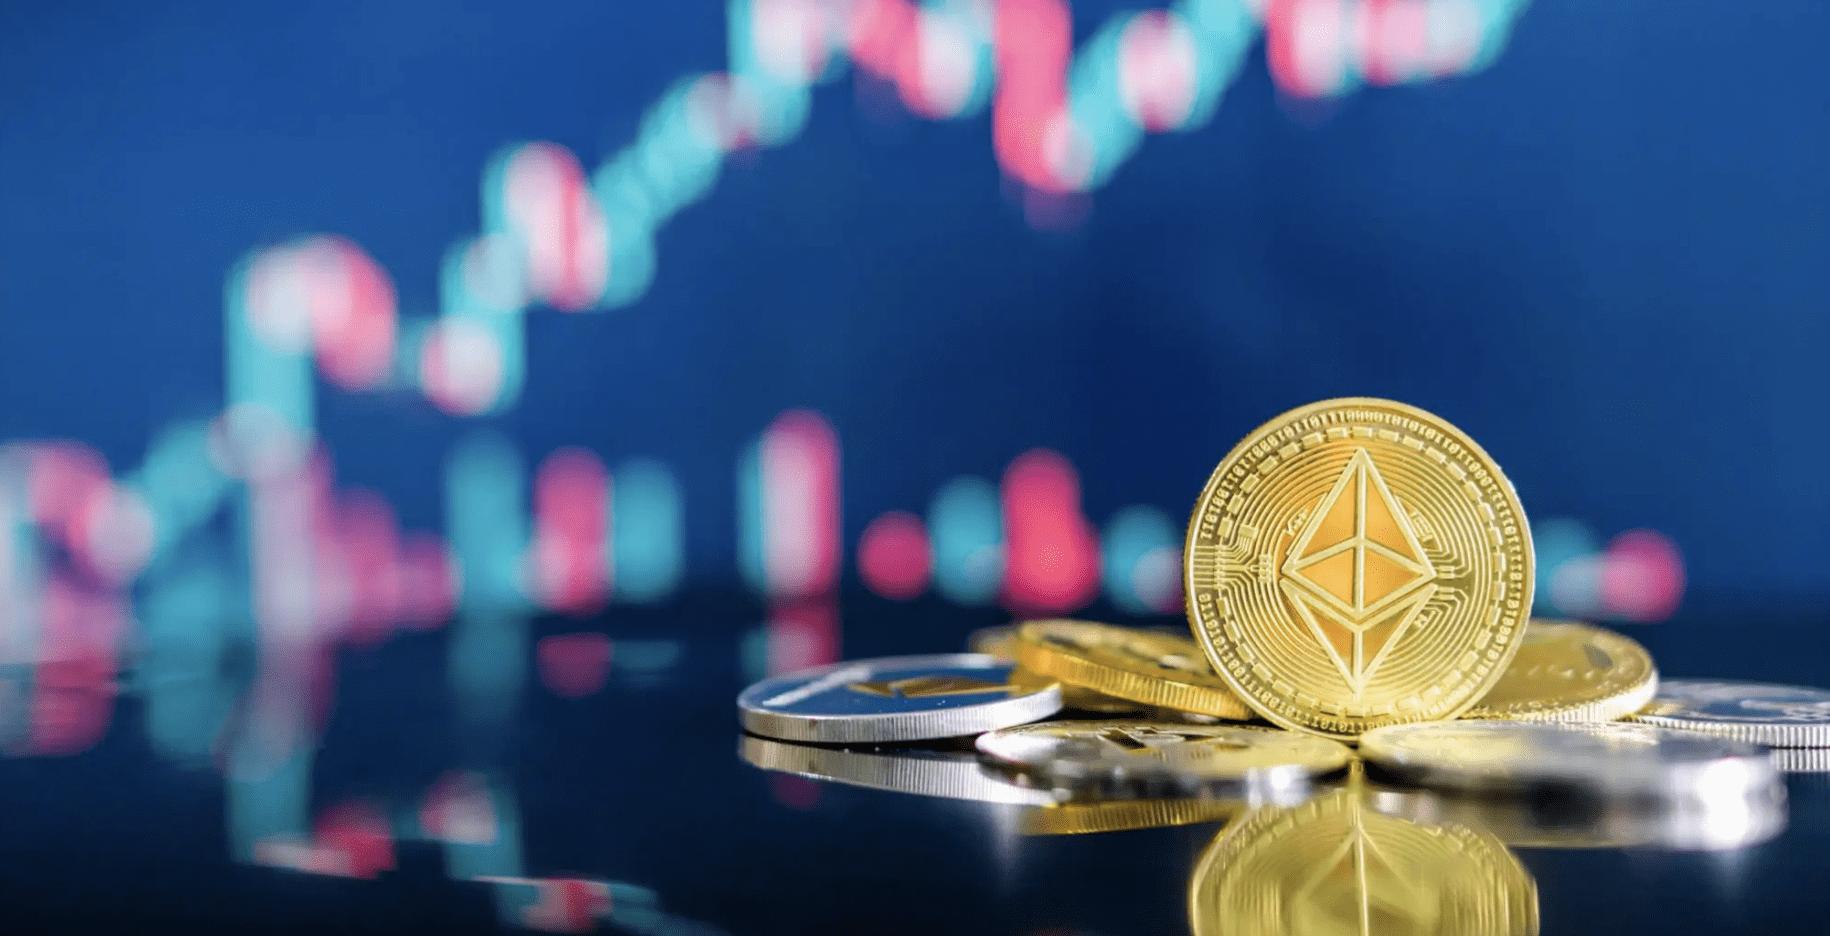 Crypto Markets Rally; US Stocks Hold Gains: Markets Wrap